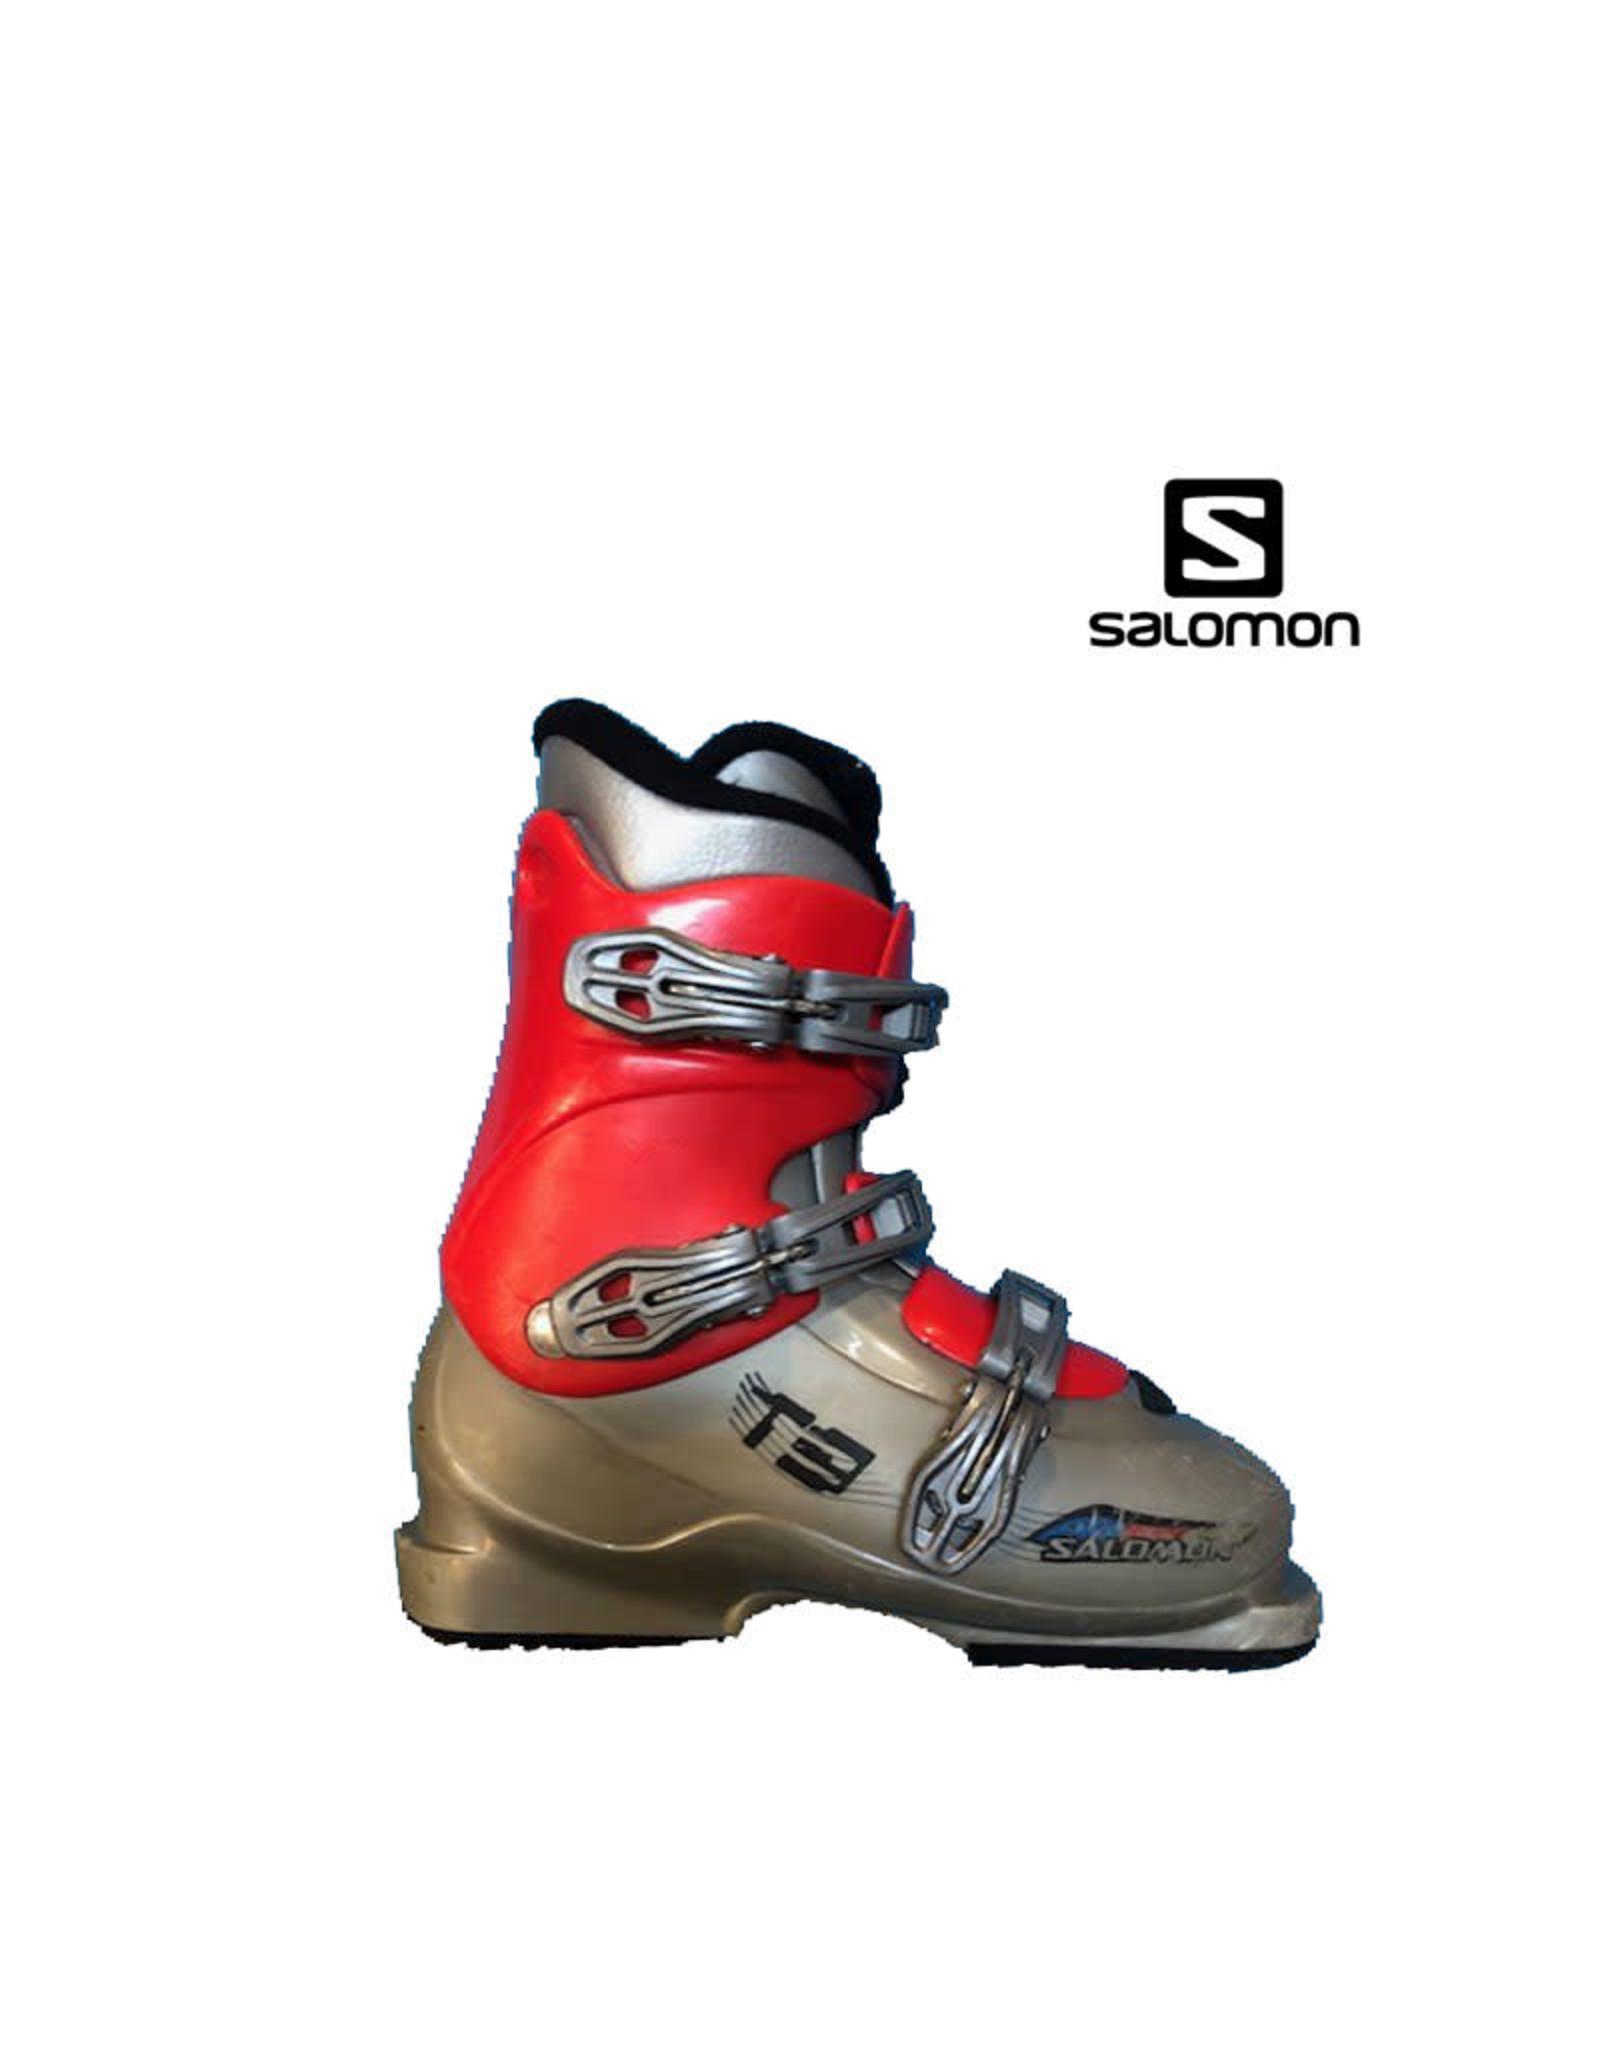 SALOMON Skischoenen SALOMON T3 (grijs/Rood) Gebruikt